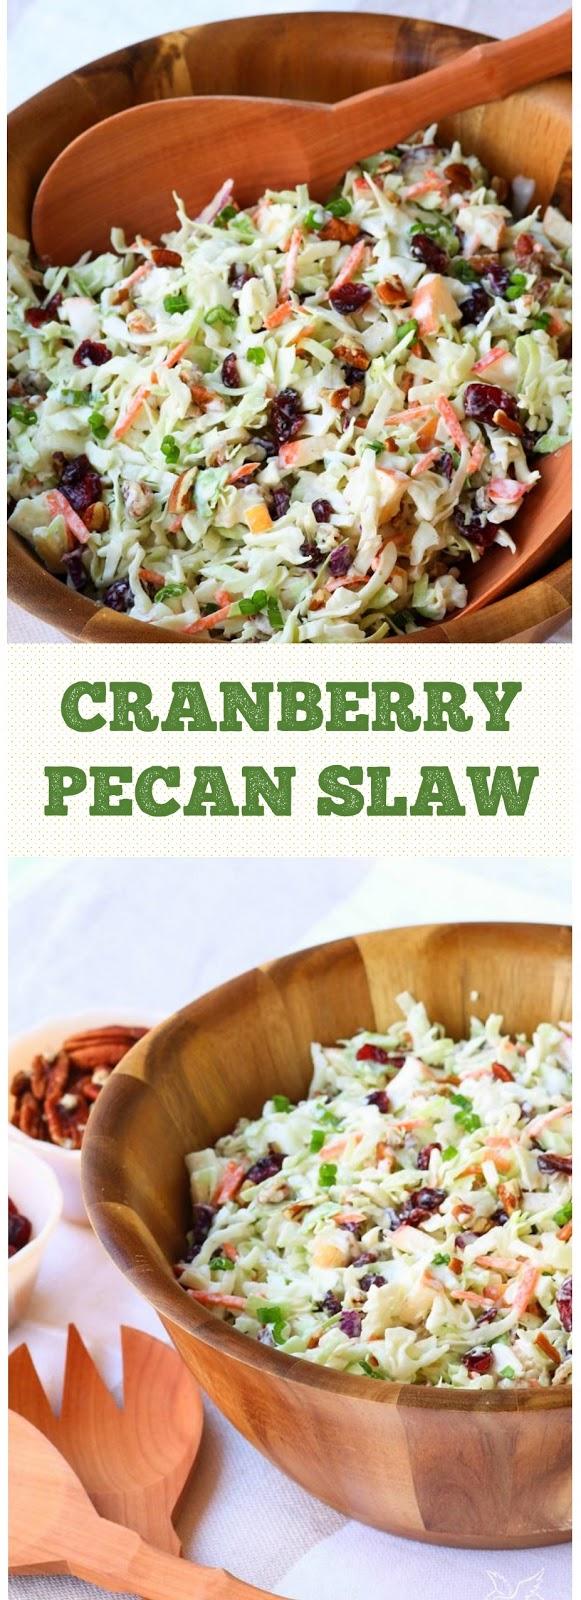 Cranberry Pecan Slaw